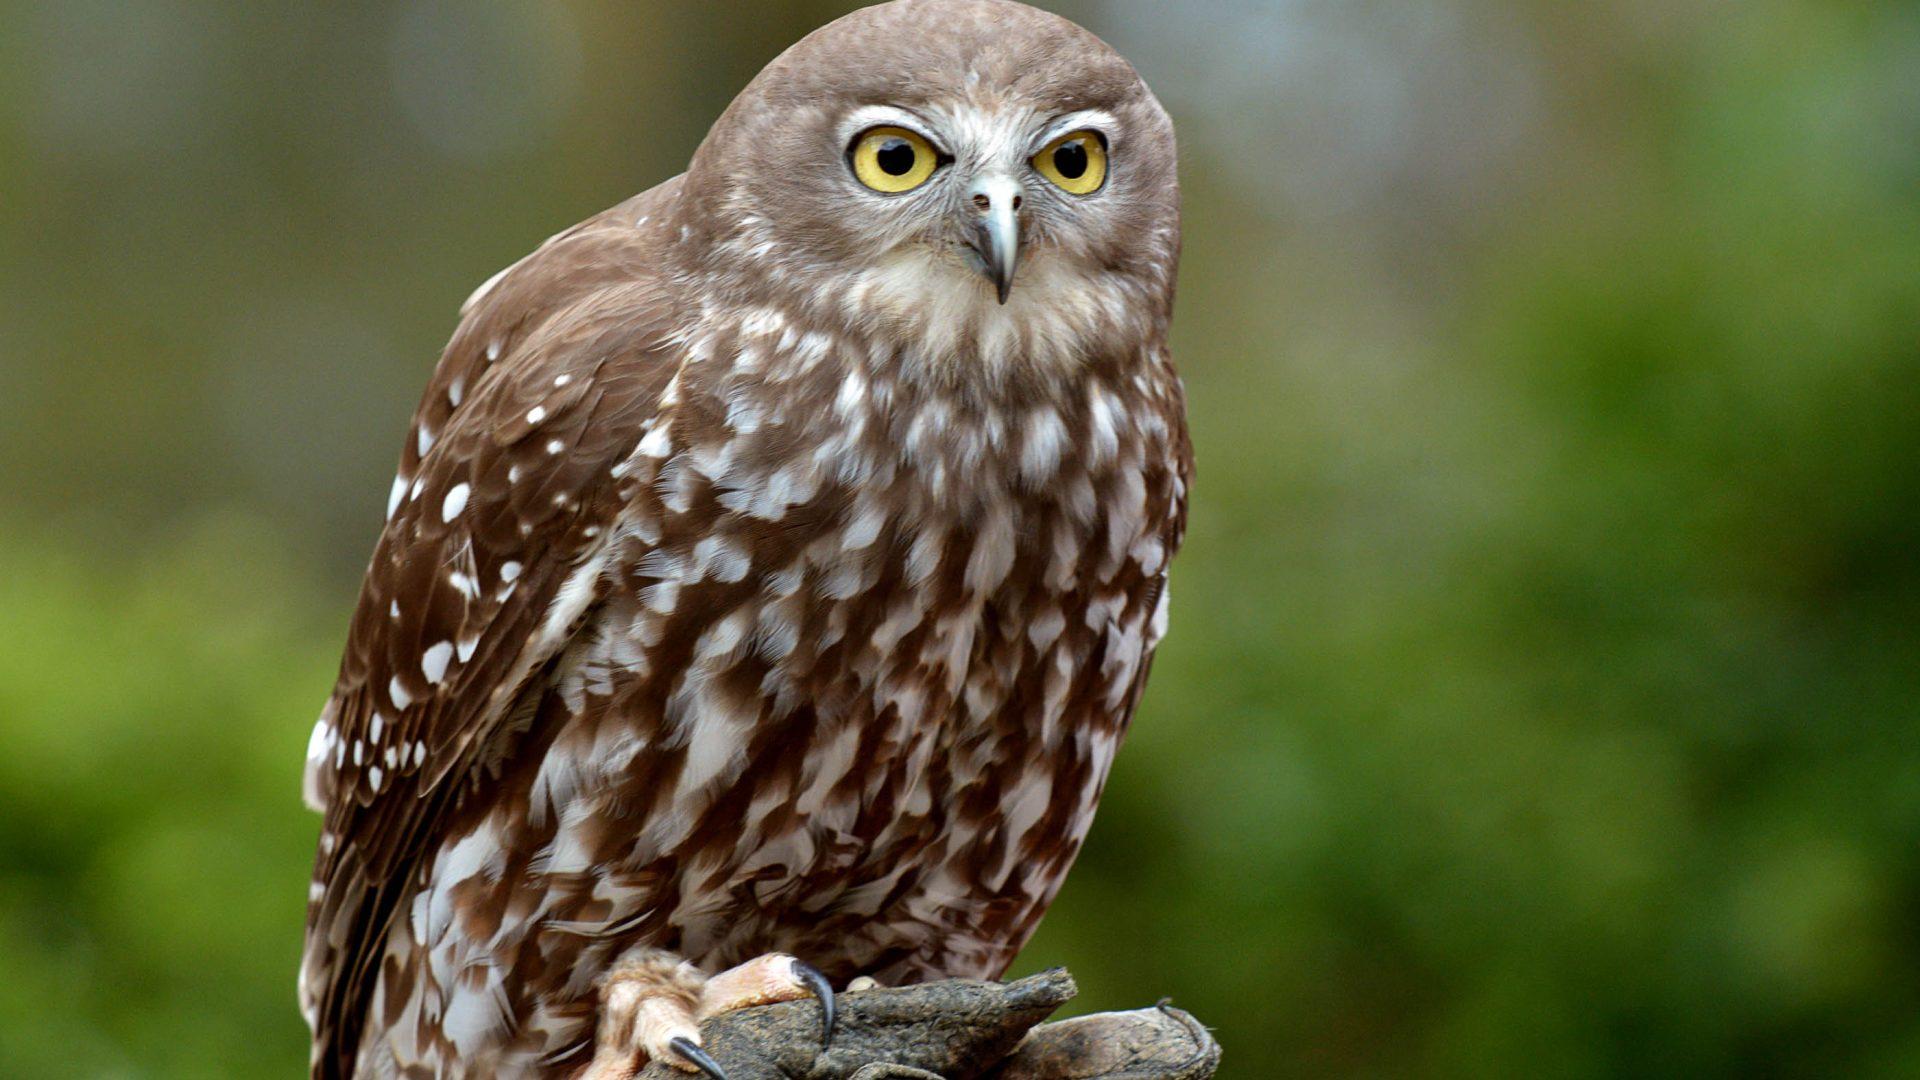 A brown speckled bird.